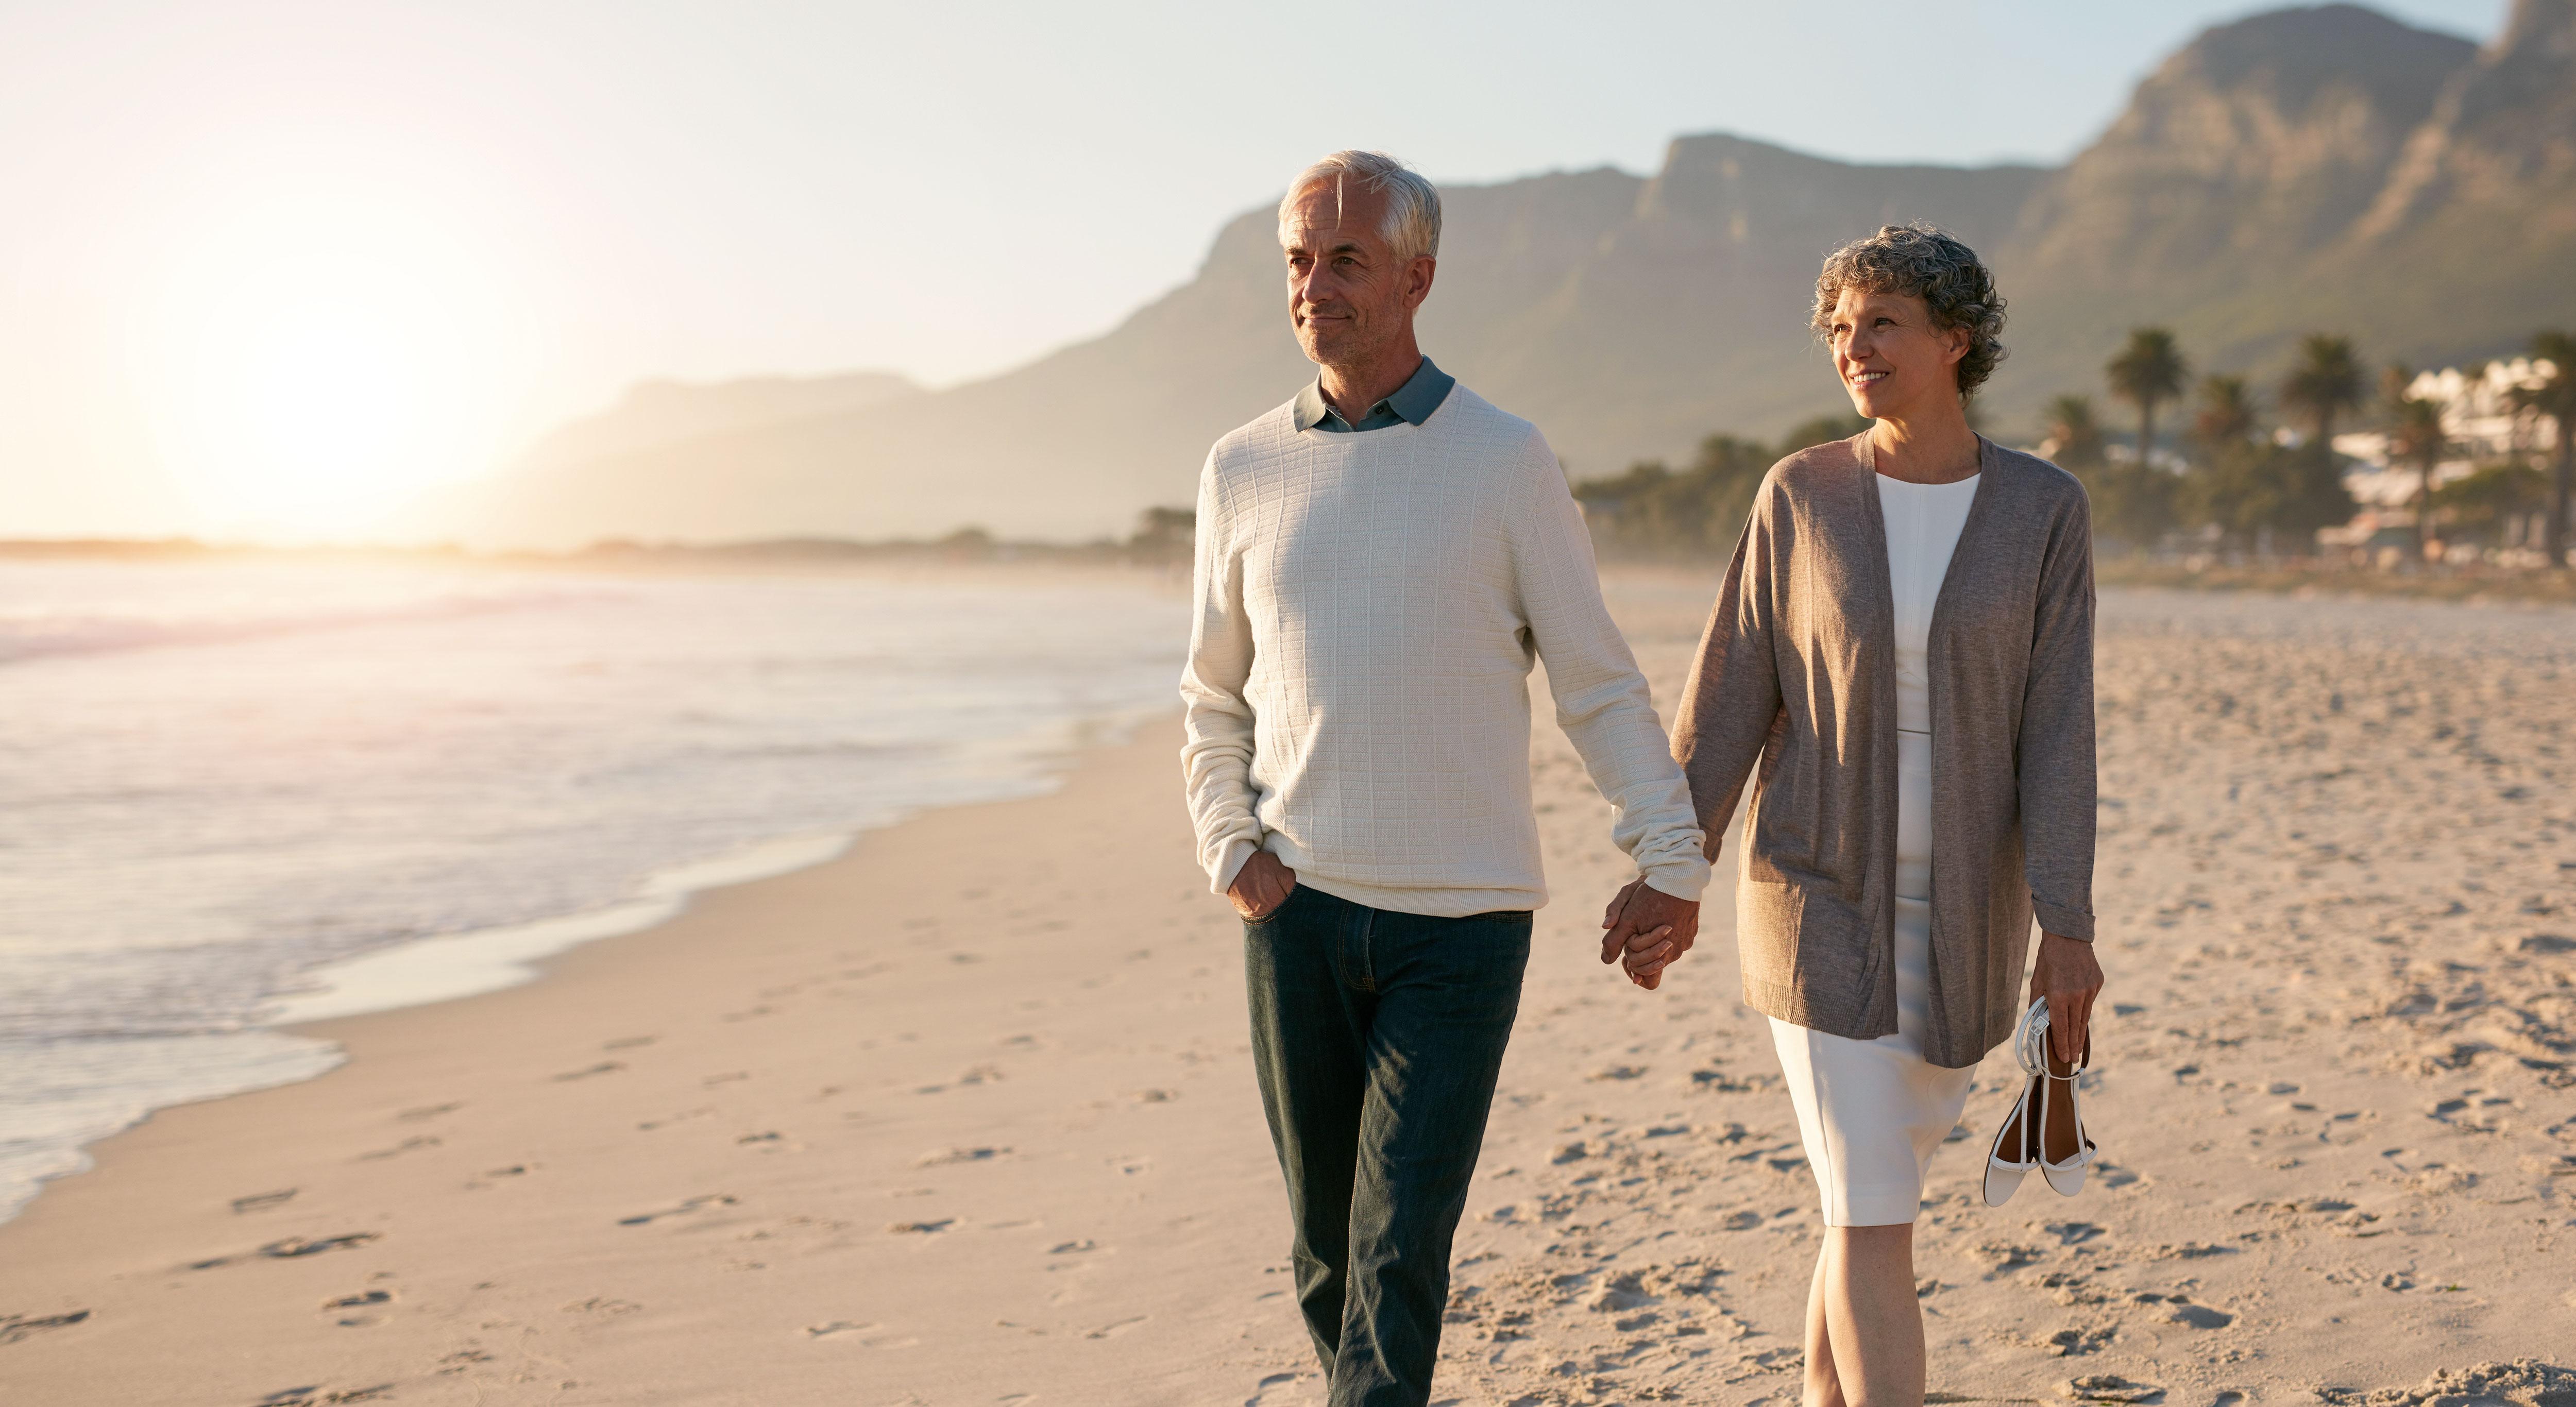 Seniorenpaar spaziert entspannt am Strand